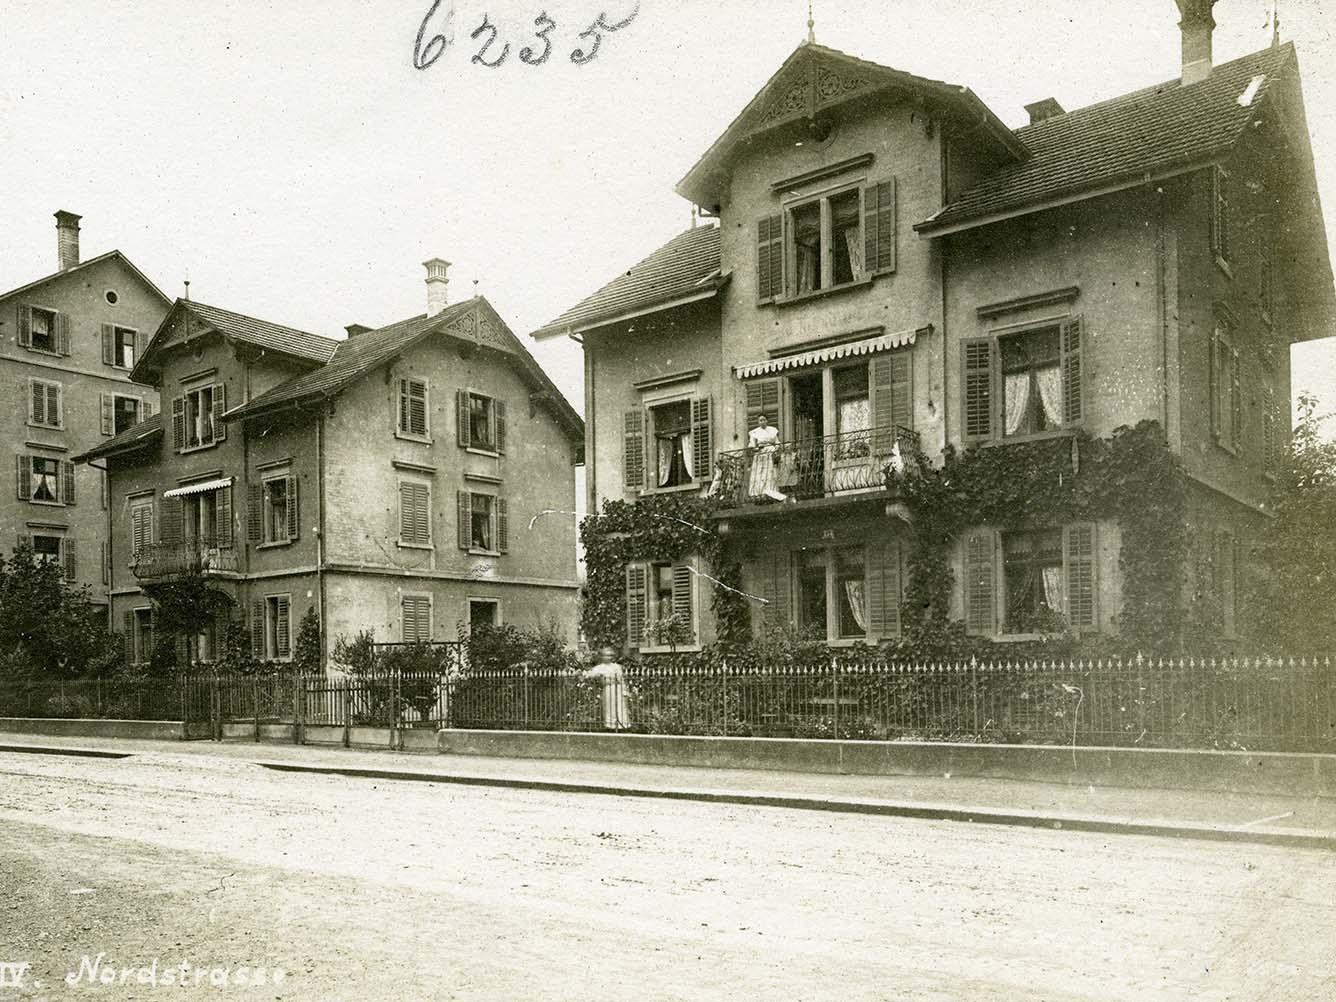 Von rechts nach links: Baumeisterhäuser Nordstrasse 174 und 180 und Mehrfamilienhaus Nordstrasse 182/186 um 1910.